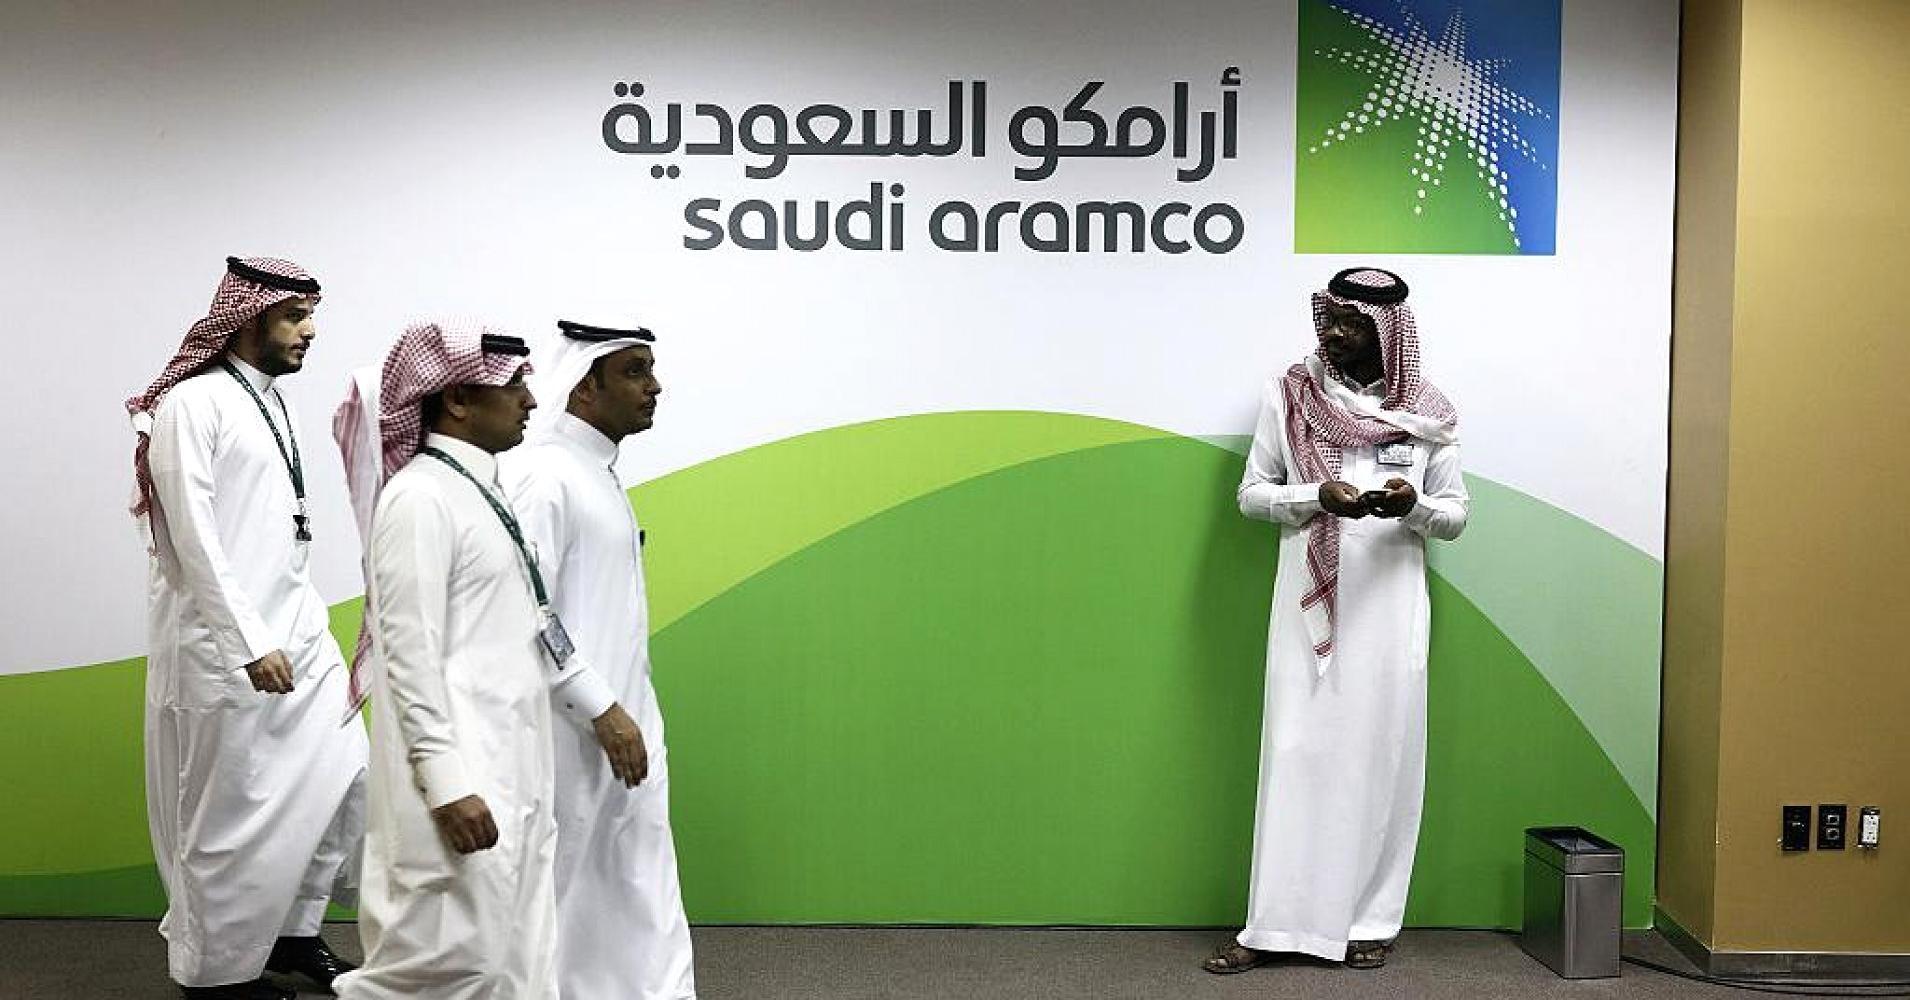 آرامکو سعودی (Aramco) عربستان سعودی